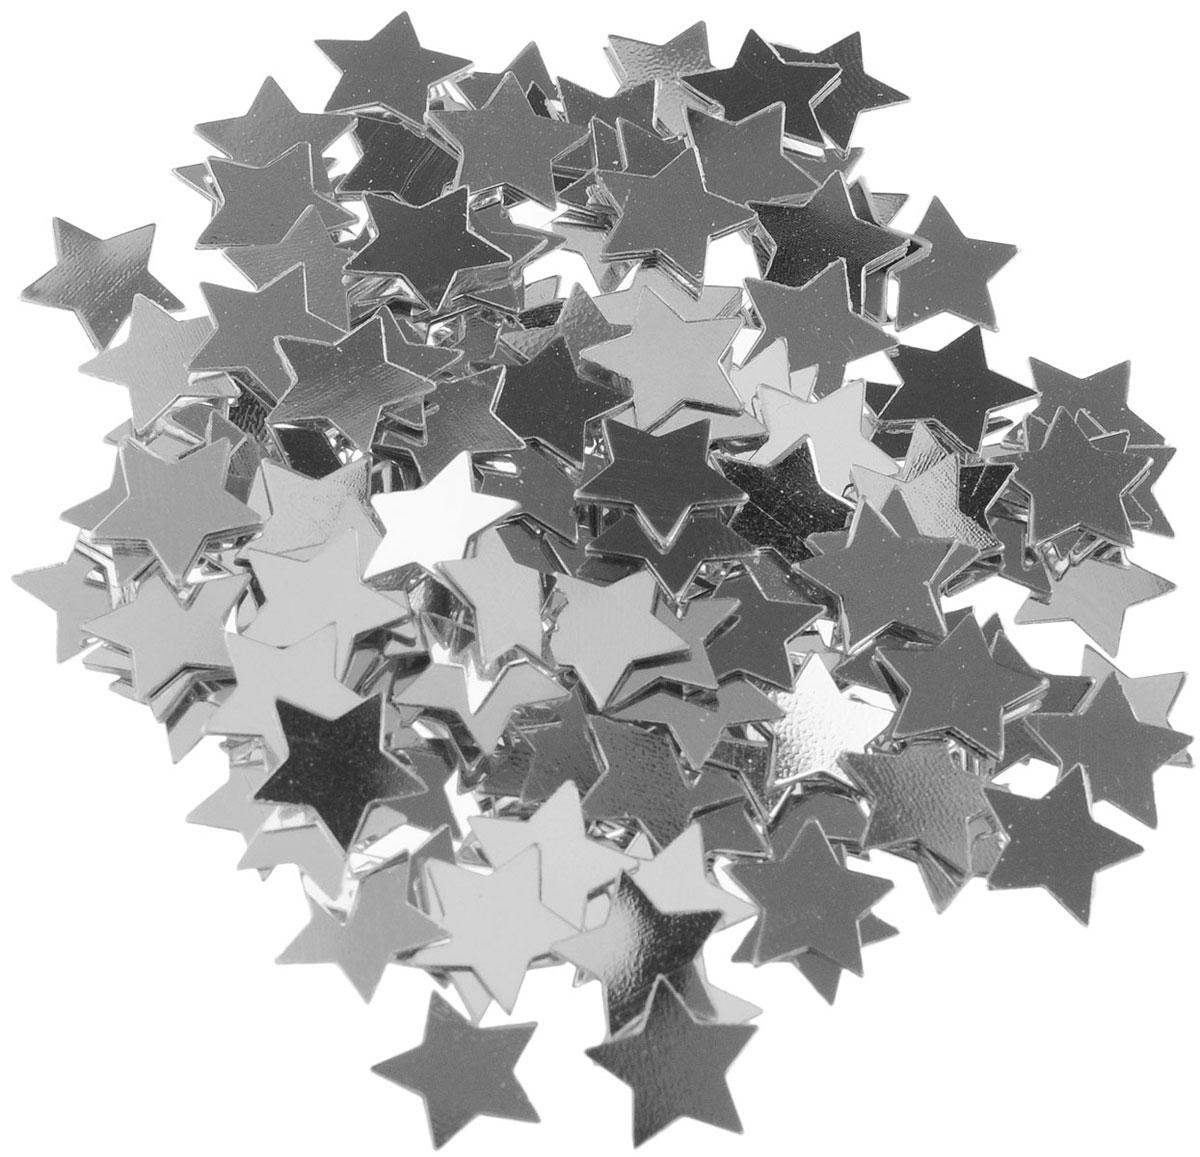 Веселая затея Конфетти Серебряные звезды, 14 г1501-0196Конфетти Веселая затея Серебряные звезды - неотъемлемый атрибут праздников, триумфальных шествий, а также свадебных торжеств. Выполнено из прочного материала в форме серебряных звездочек. Конфетти осыпают друг друга участники празднеств или его сбрасывают сверху. Конфетти, рассыпанное на столе, является необычной и привлекательной формой украшения праздничного застолья. Еще один оригинальный способ порадовать друзей и близких - насыпьте конфетти в конверт с открыткой - это будет неожиданный сюрприз! Это чудесное украшение принесет в ваш дом или офис незабываемую атмосферу праздничного веселья!